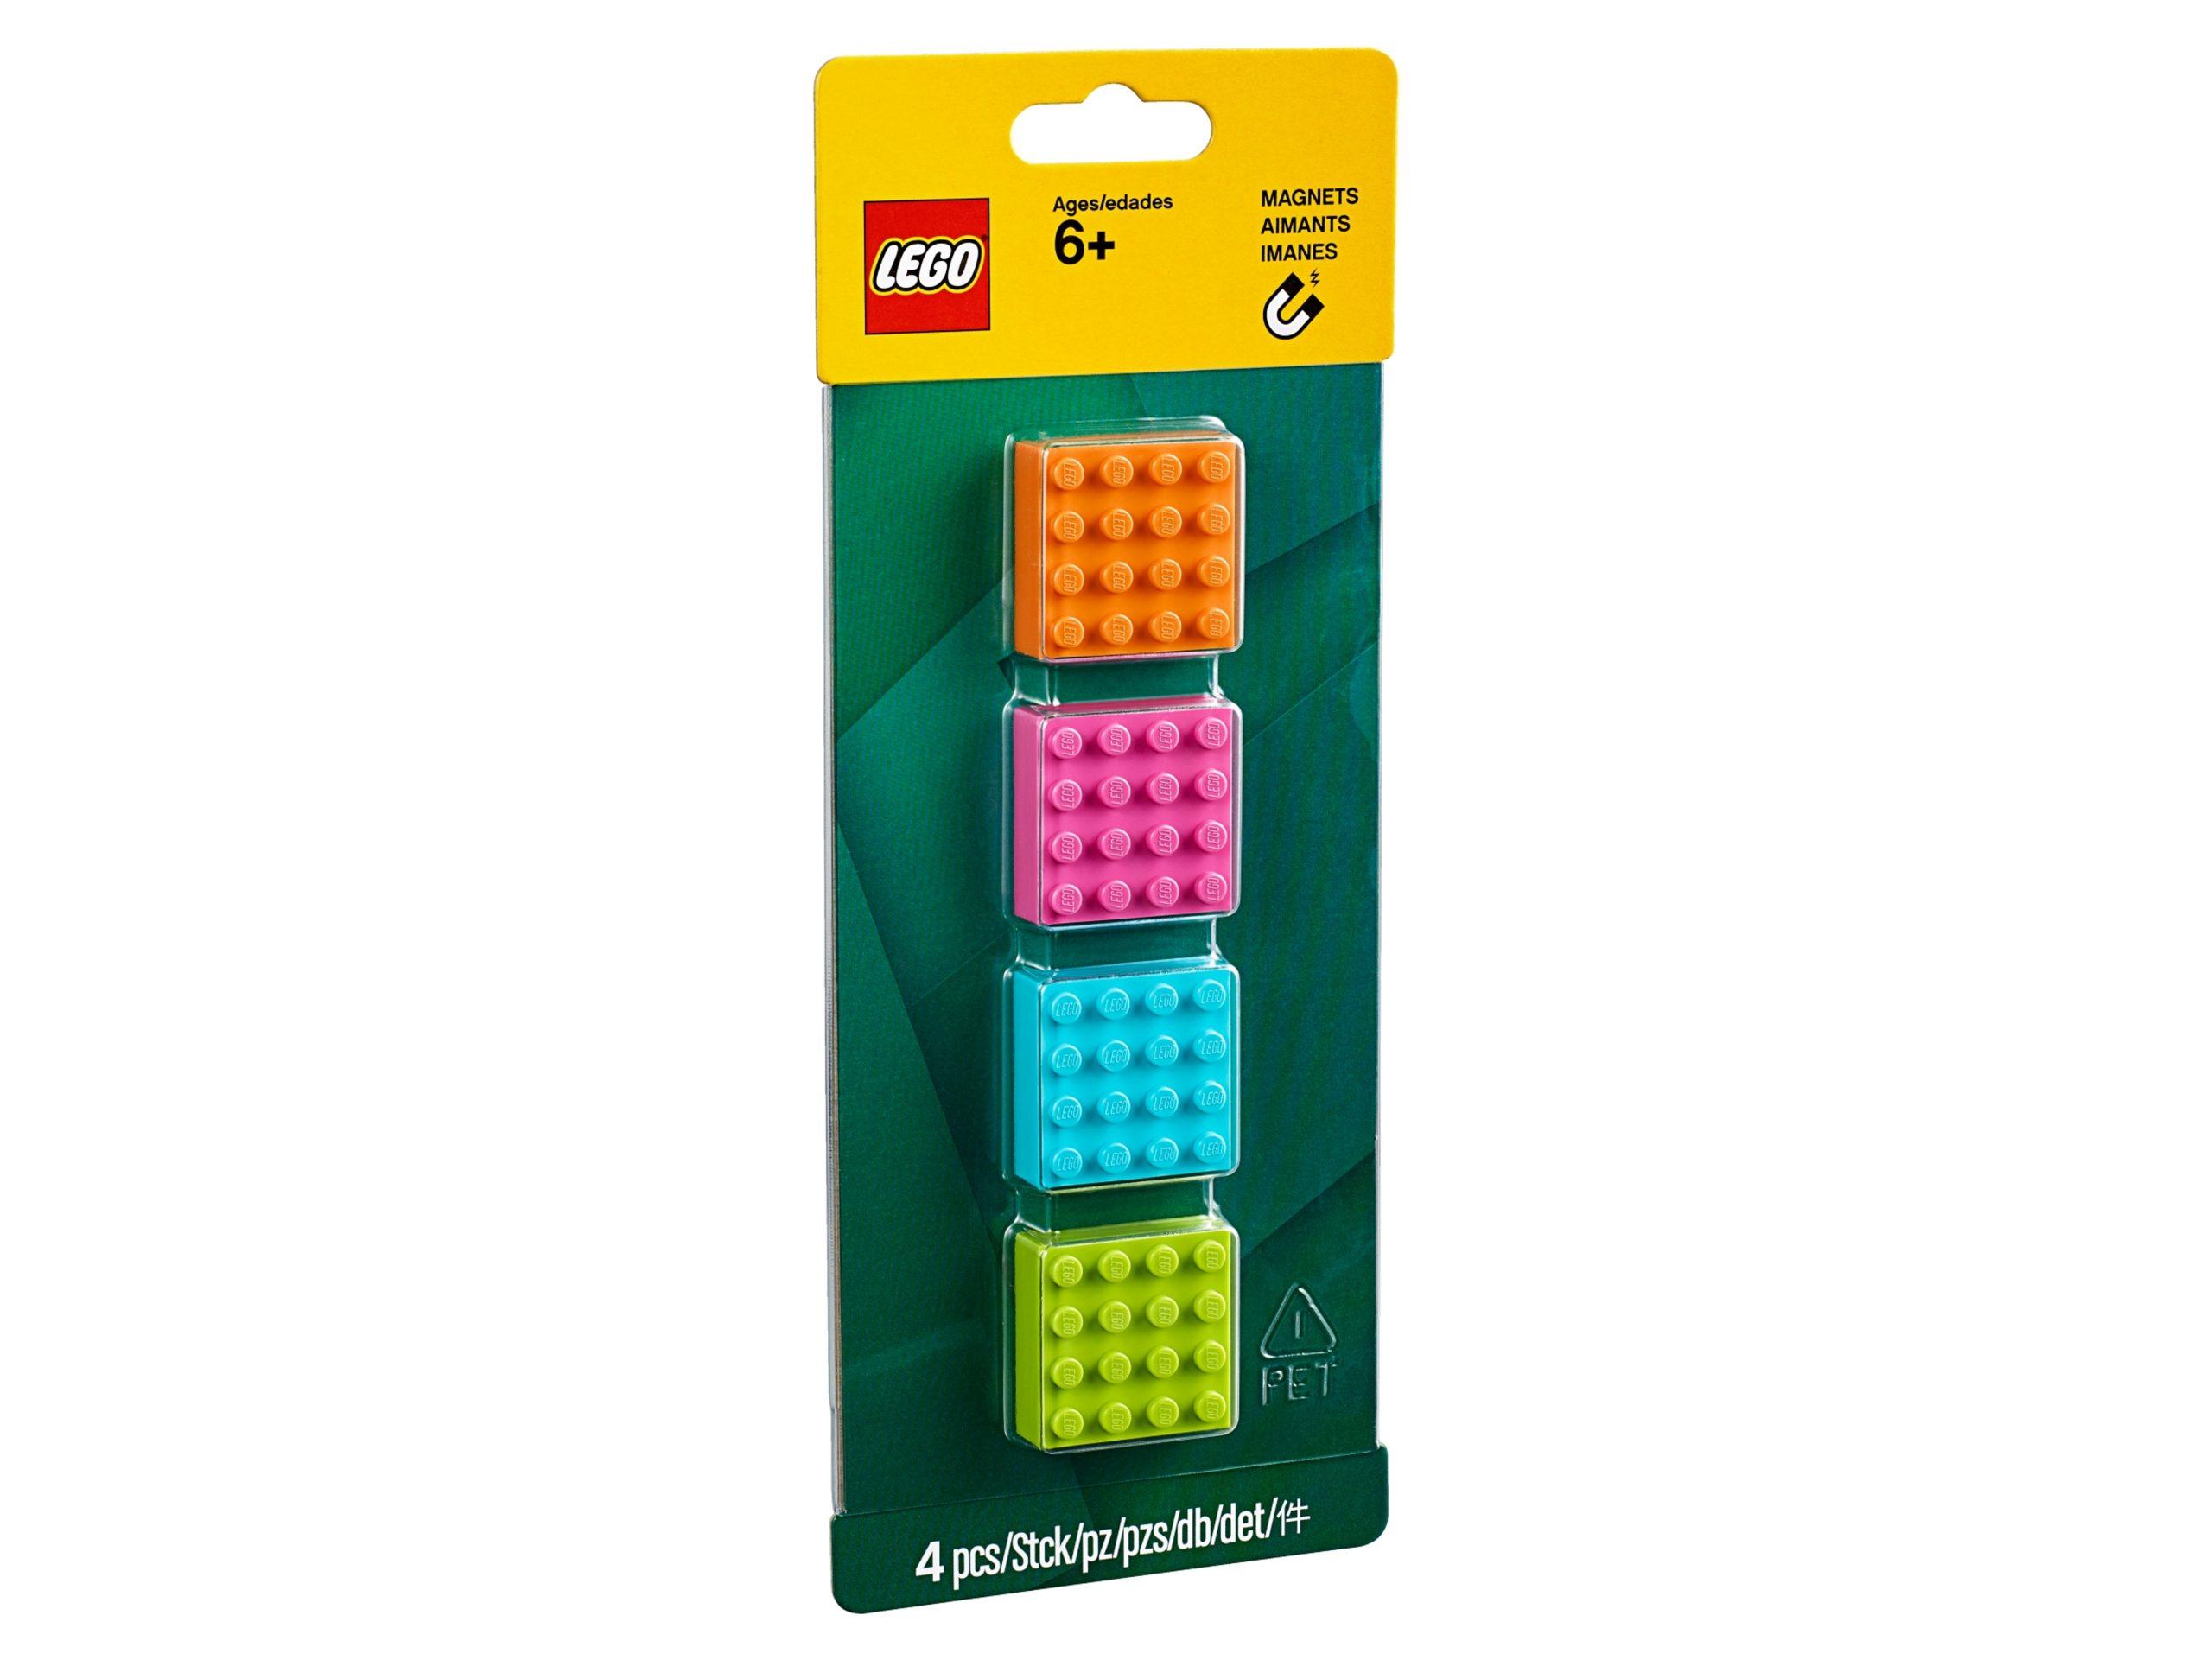 lego 853900 4x4 brick magnets scaled